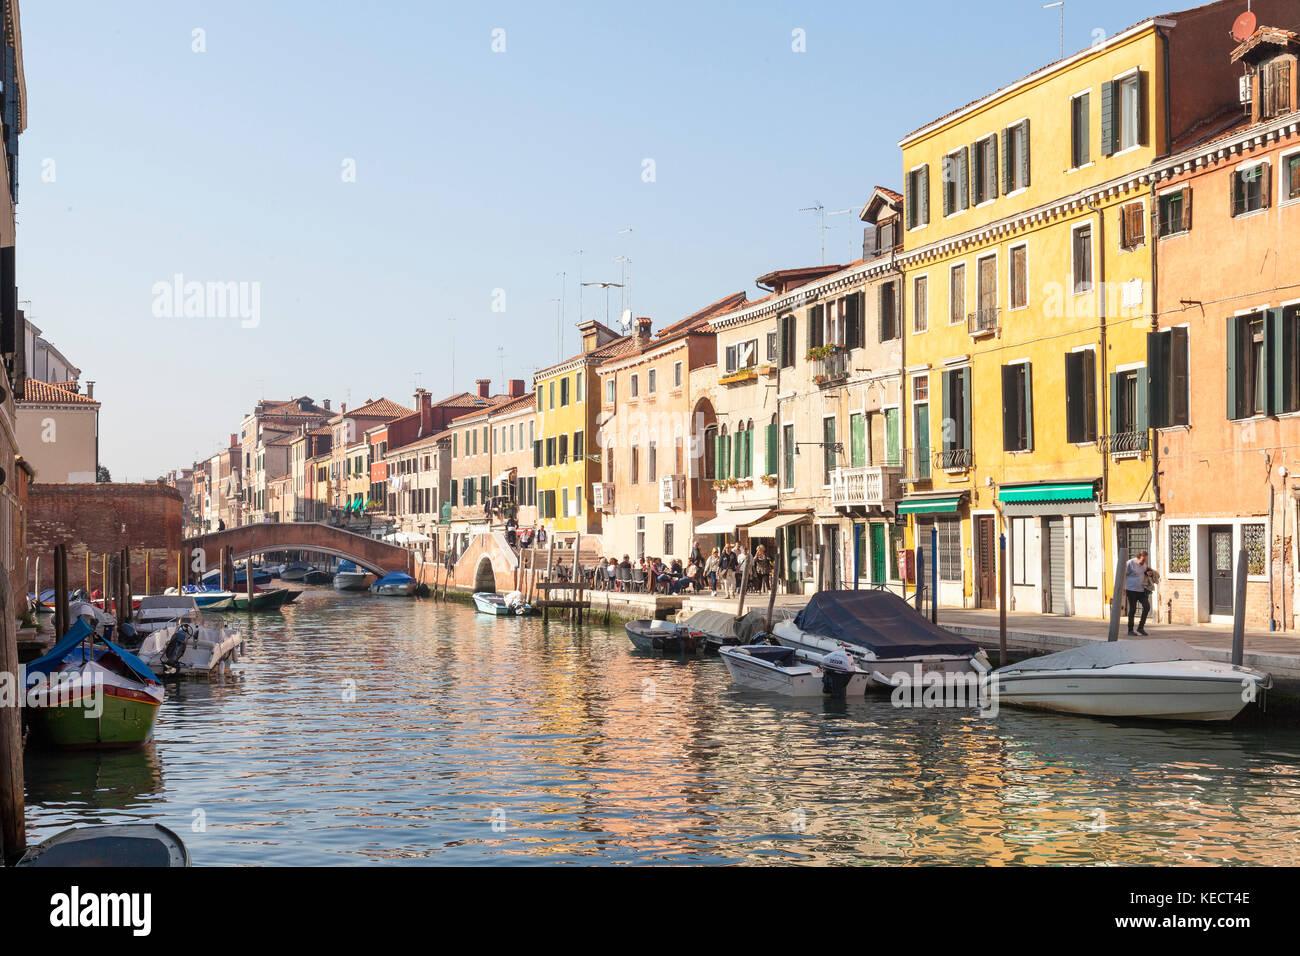 Abendlicht auf der Fondamenta Ormisini, Cannaregio, Venice, Italien mit Spiegelungen im Wasser und Einheimische Stockbild